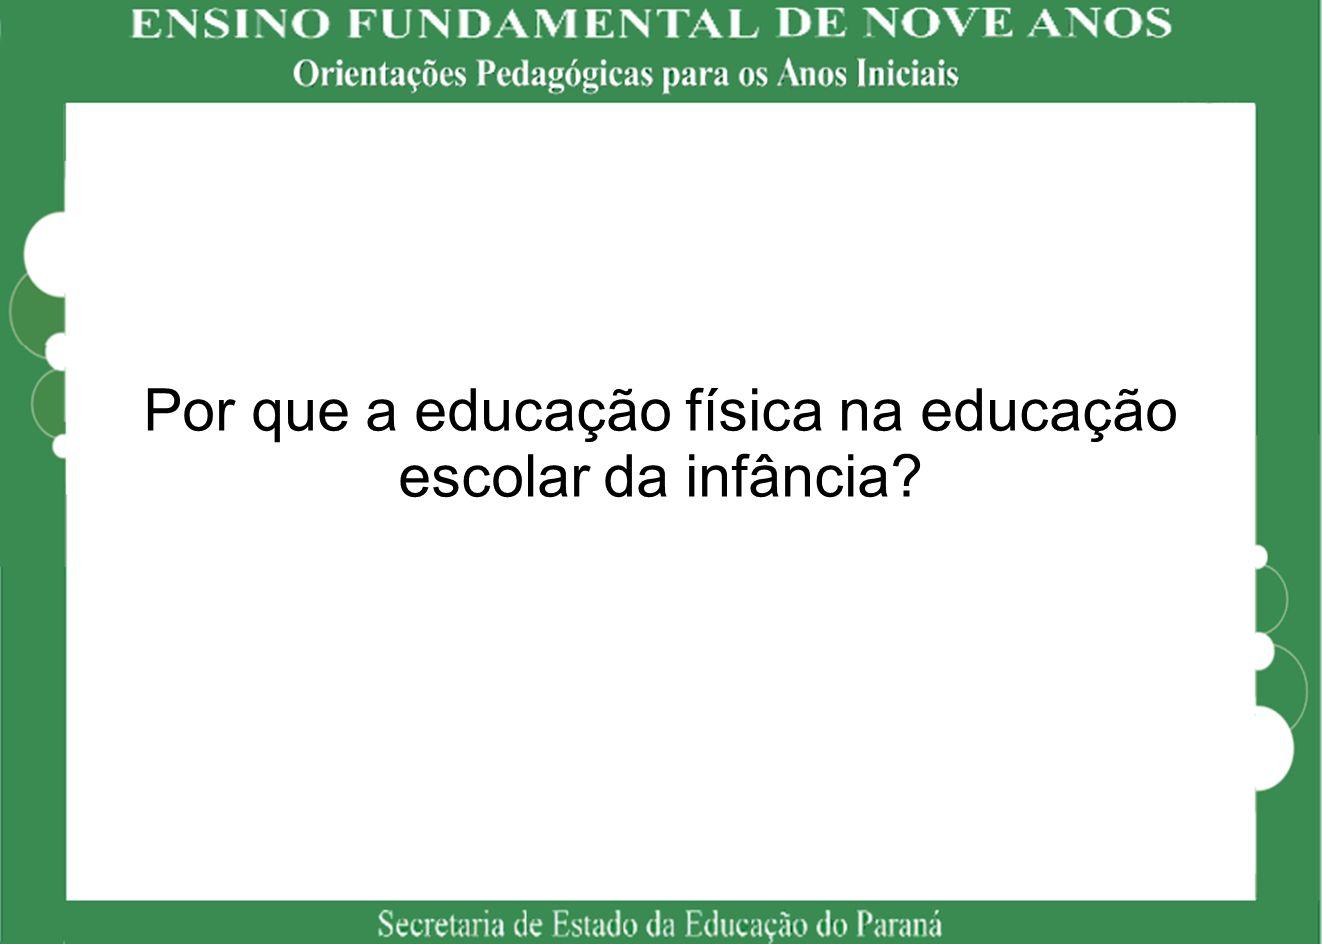 Por que a educação física na educação escolar da infância?